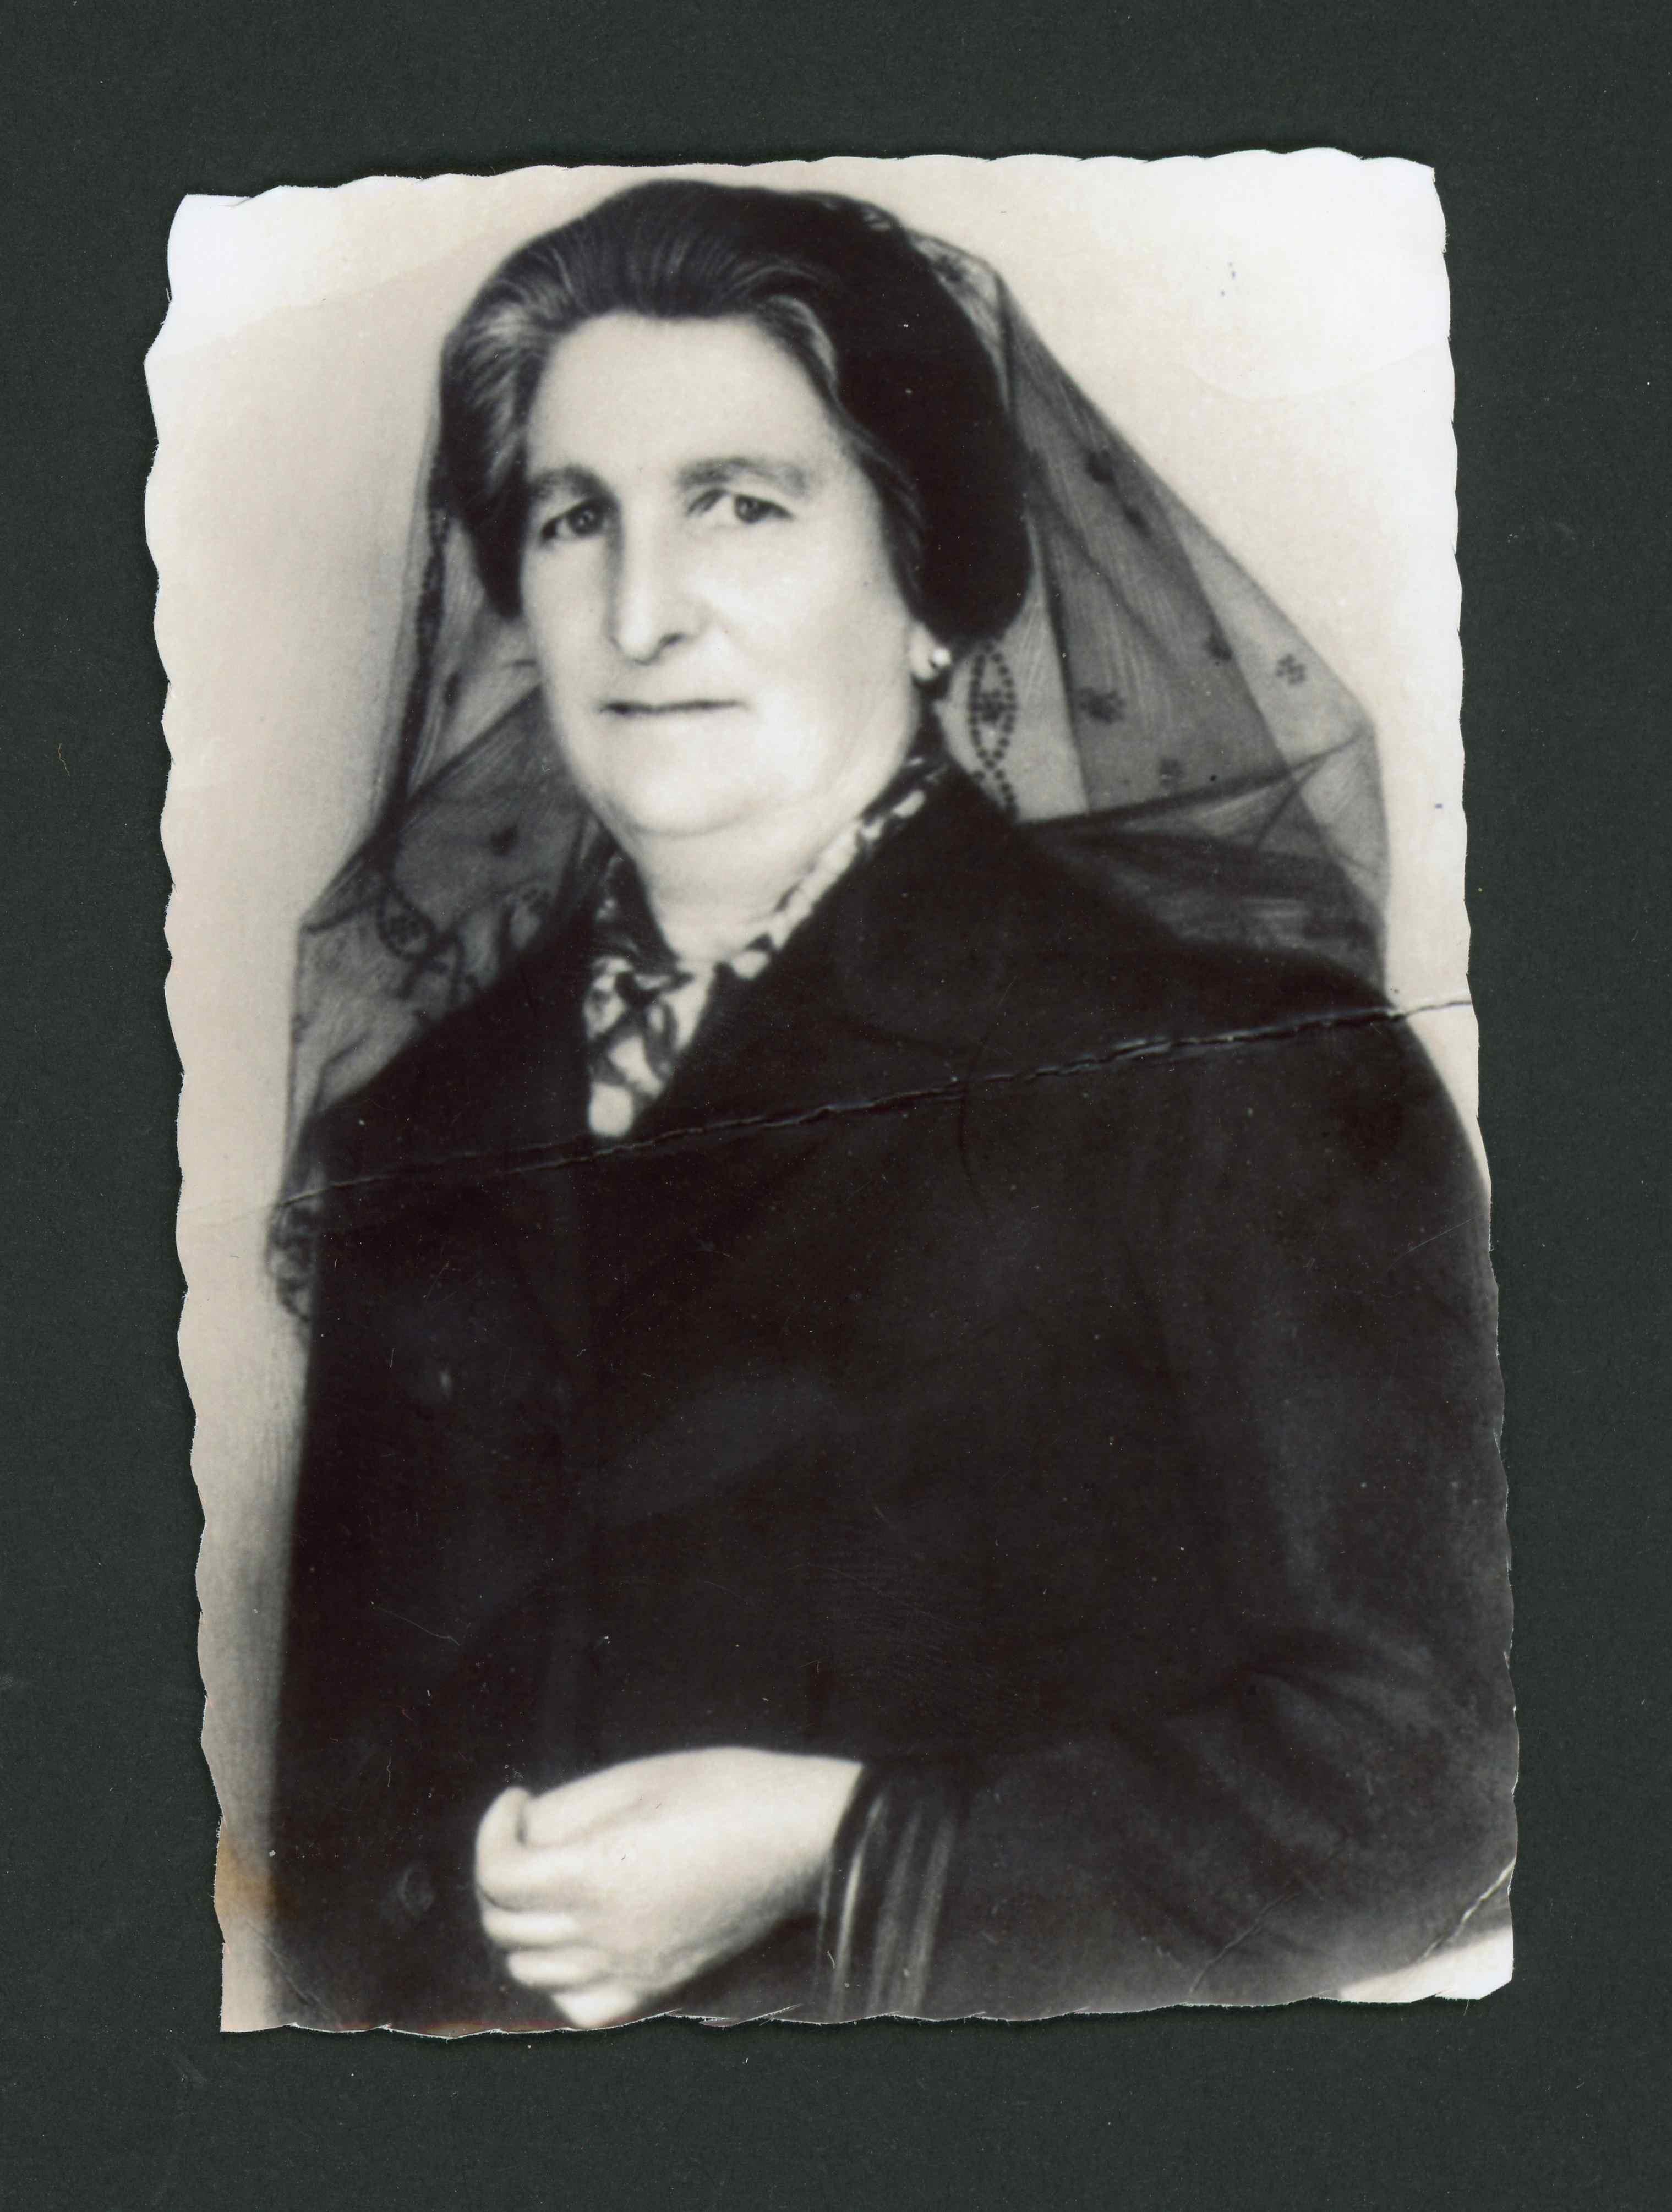 Retrato de Adoración Robles como madrina de boda